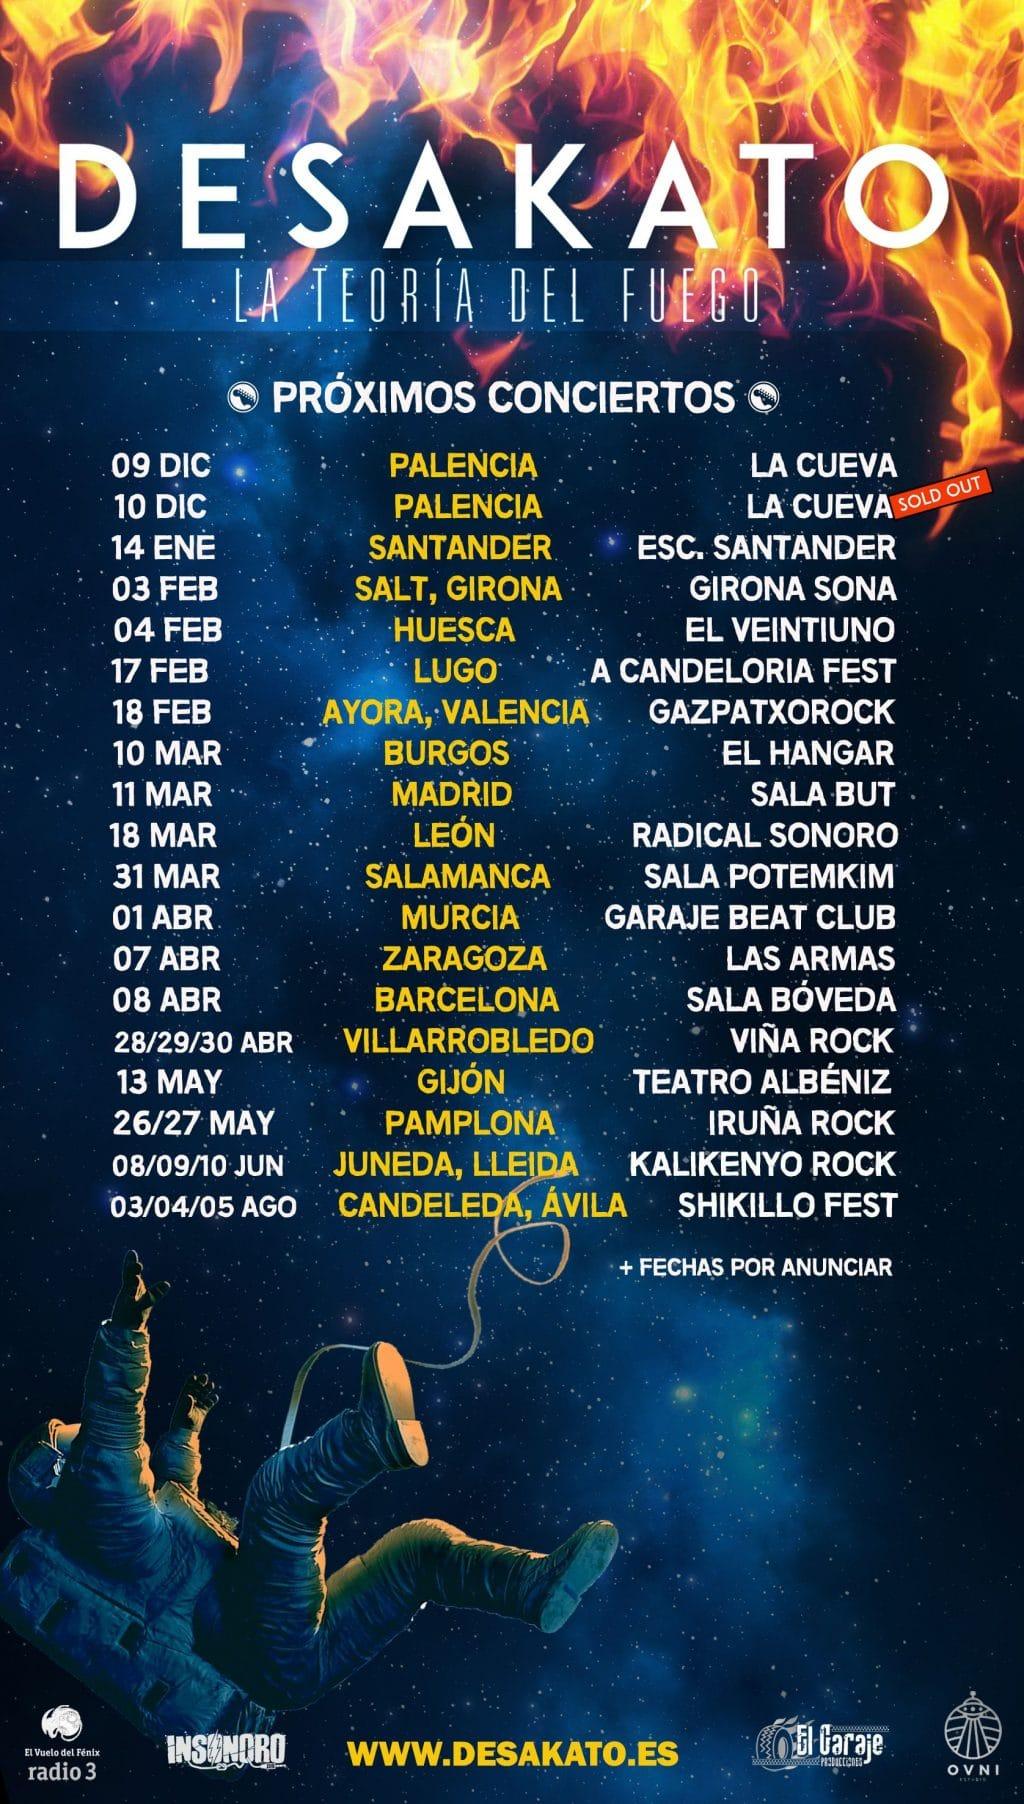 Video de parte del concierto de Desakato en el Escenario Santander del pasado 14 de enero